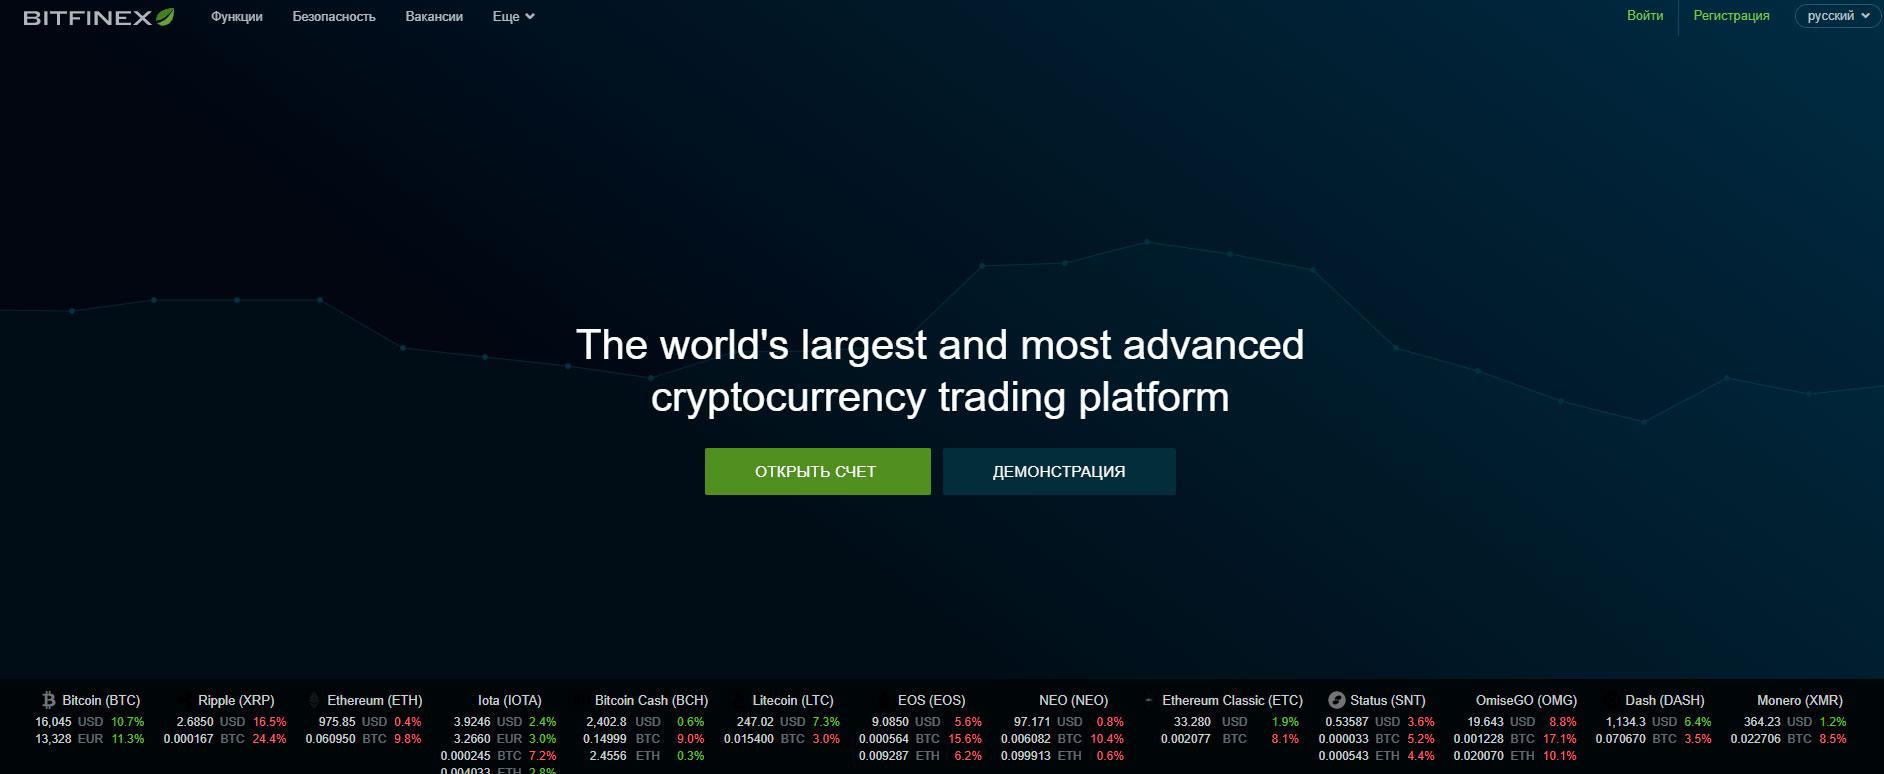 биржа битфайнекс